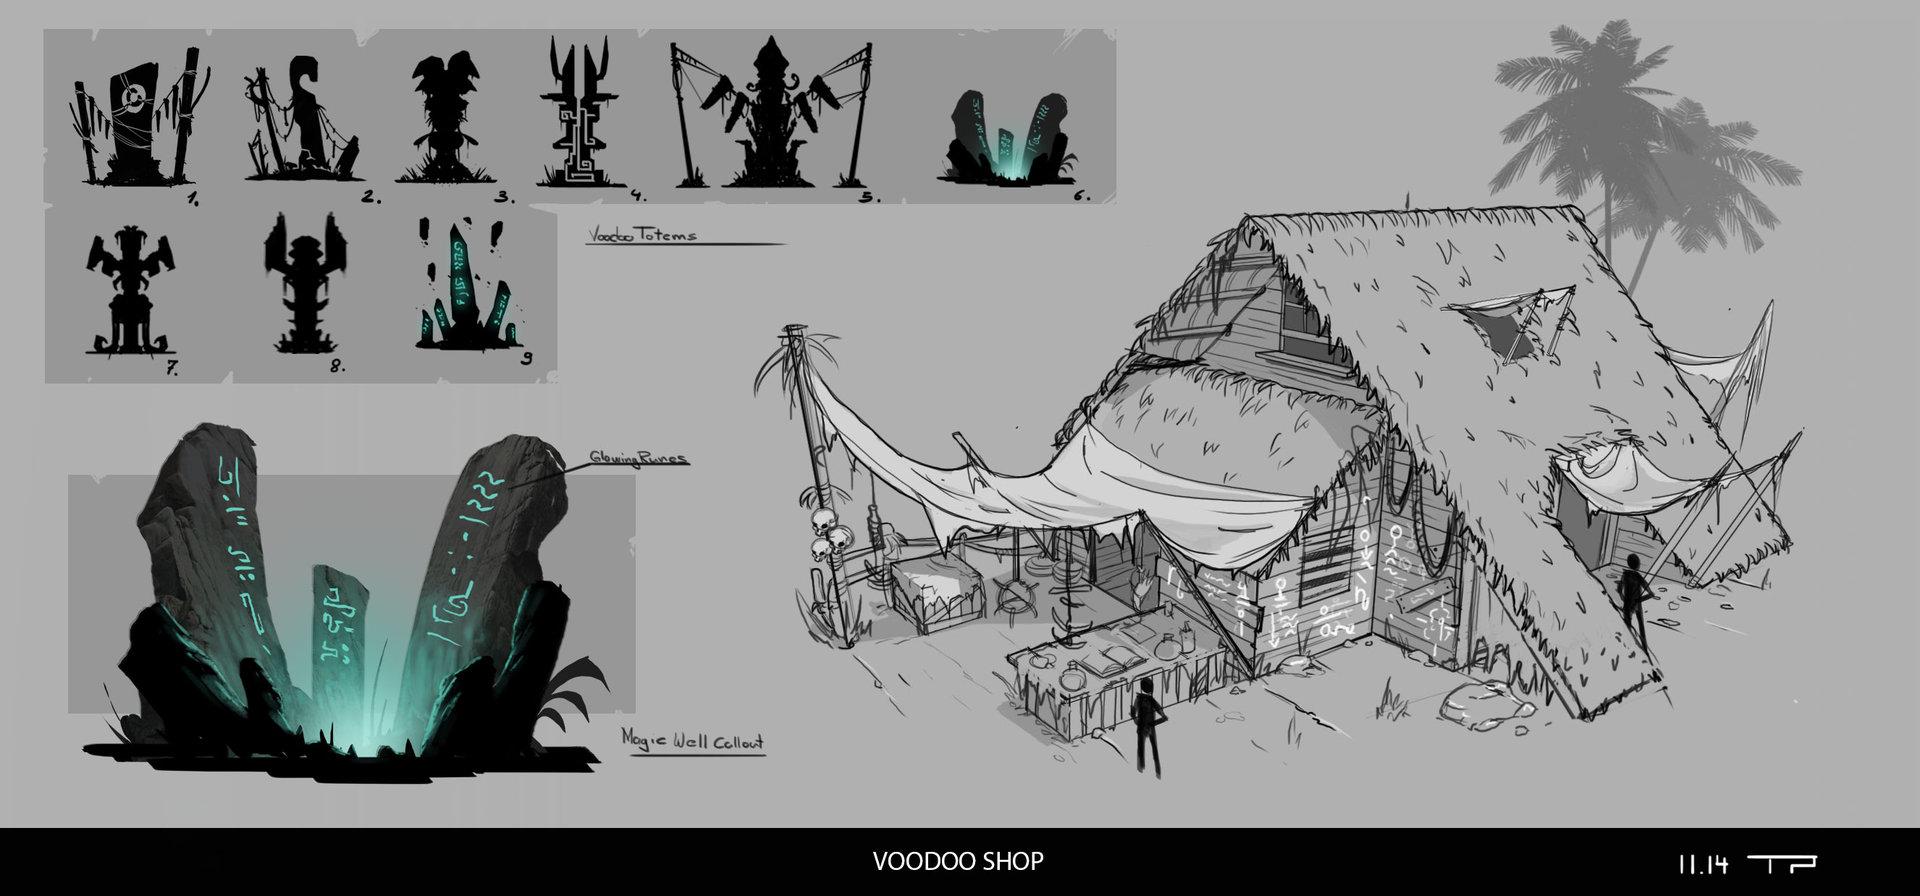 Vood shop plus some totems